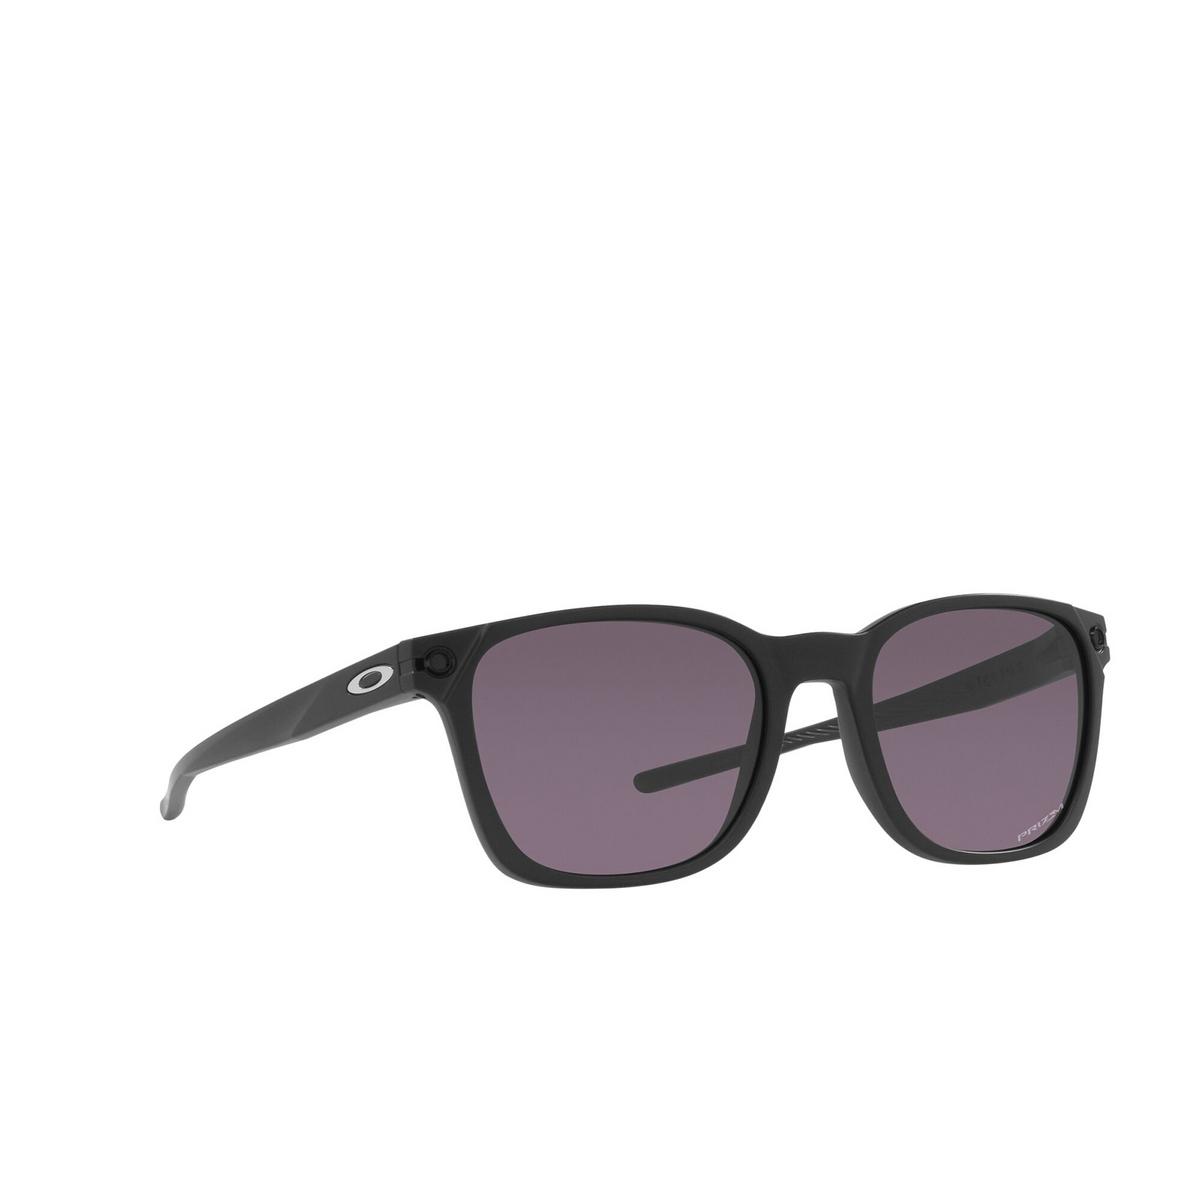 Oakley® Square Sunglasses: Ojector OO9018 color Matte Black 901801 - three-quarters view.